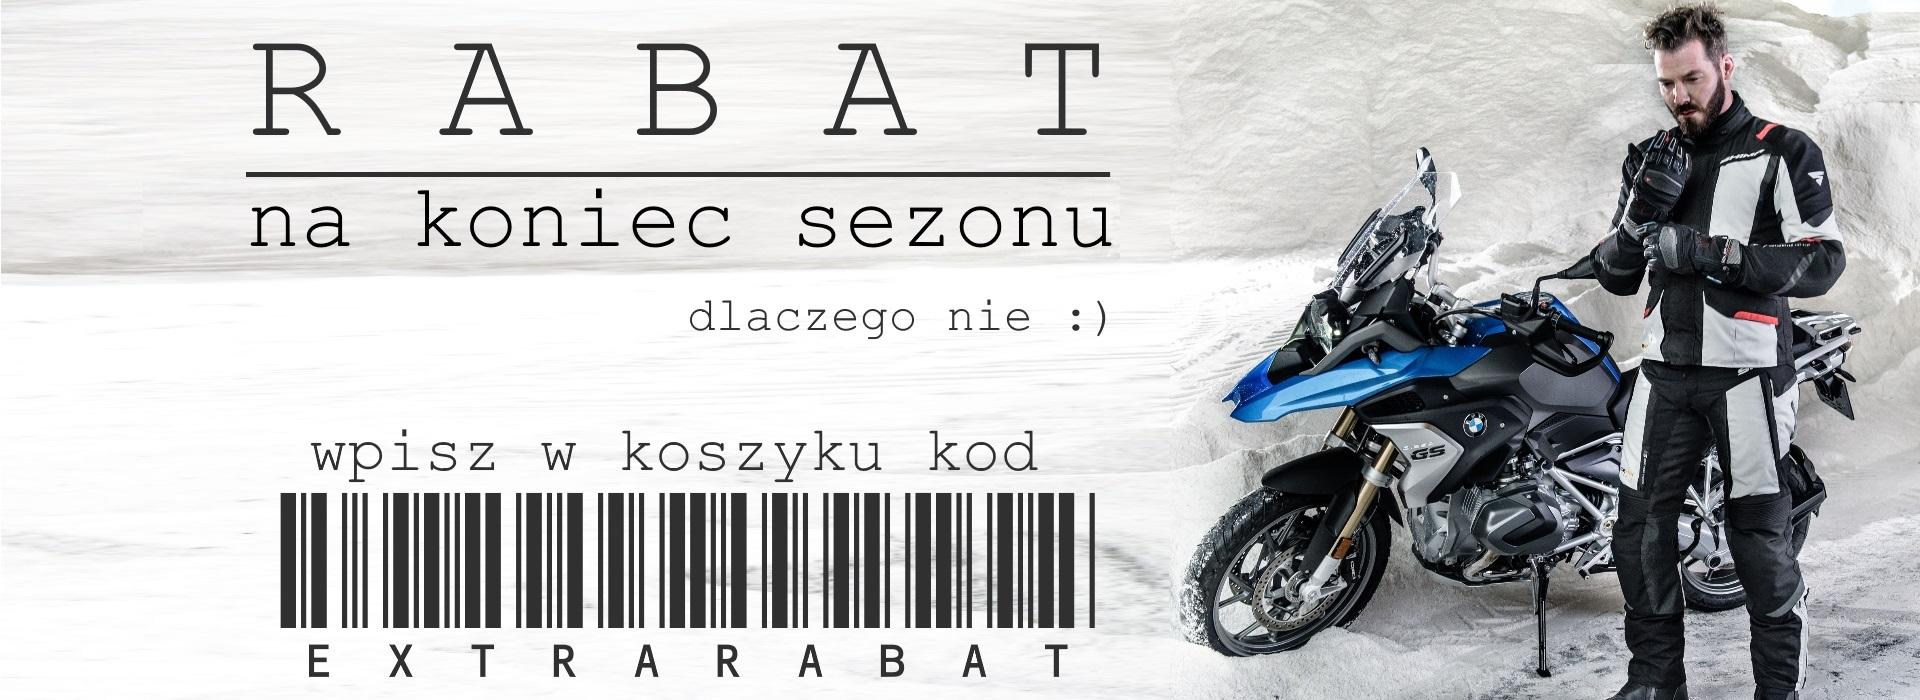 rabat_na_koniec.jpg